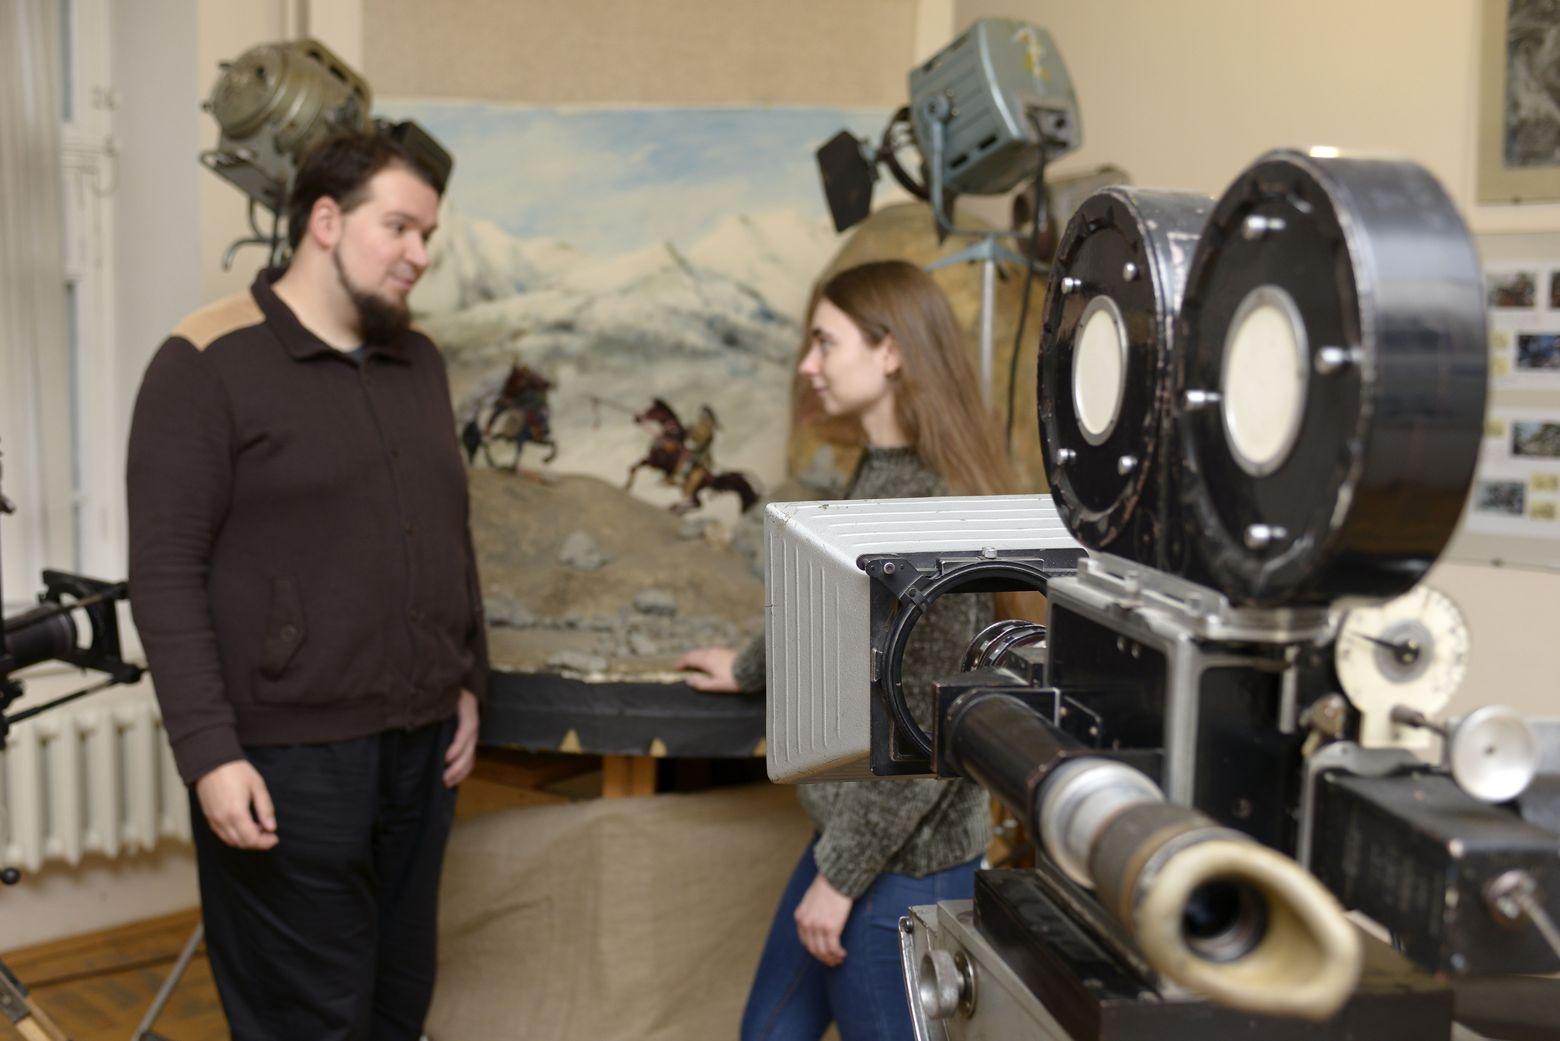 Музей белорусского кино. Киноквест в рамках фестиваля velcom Smartfilm